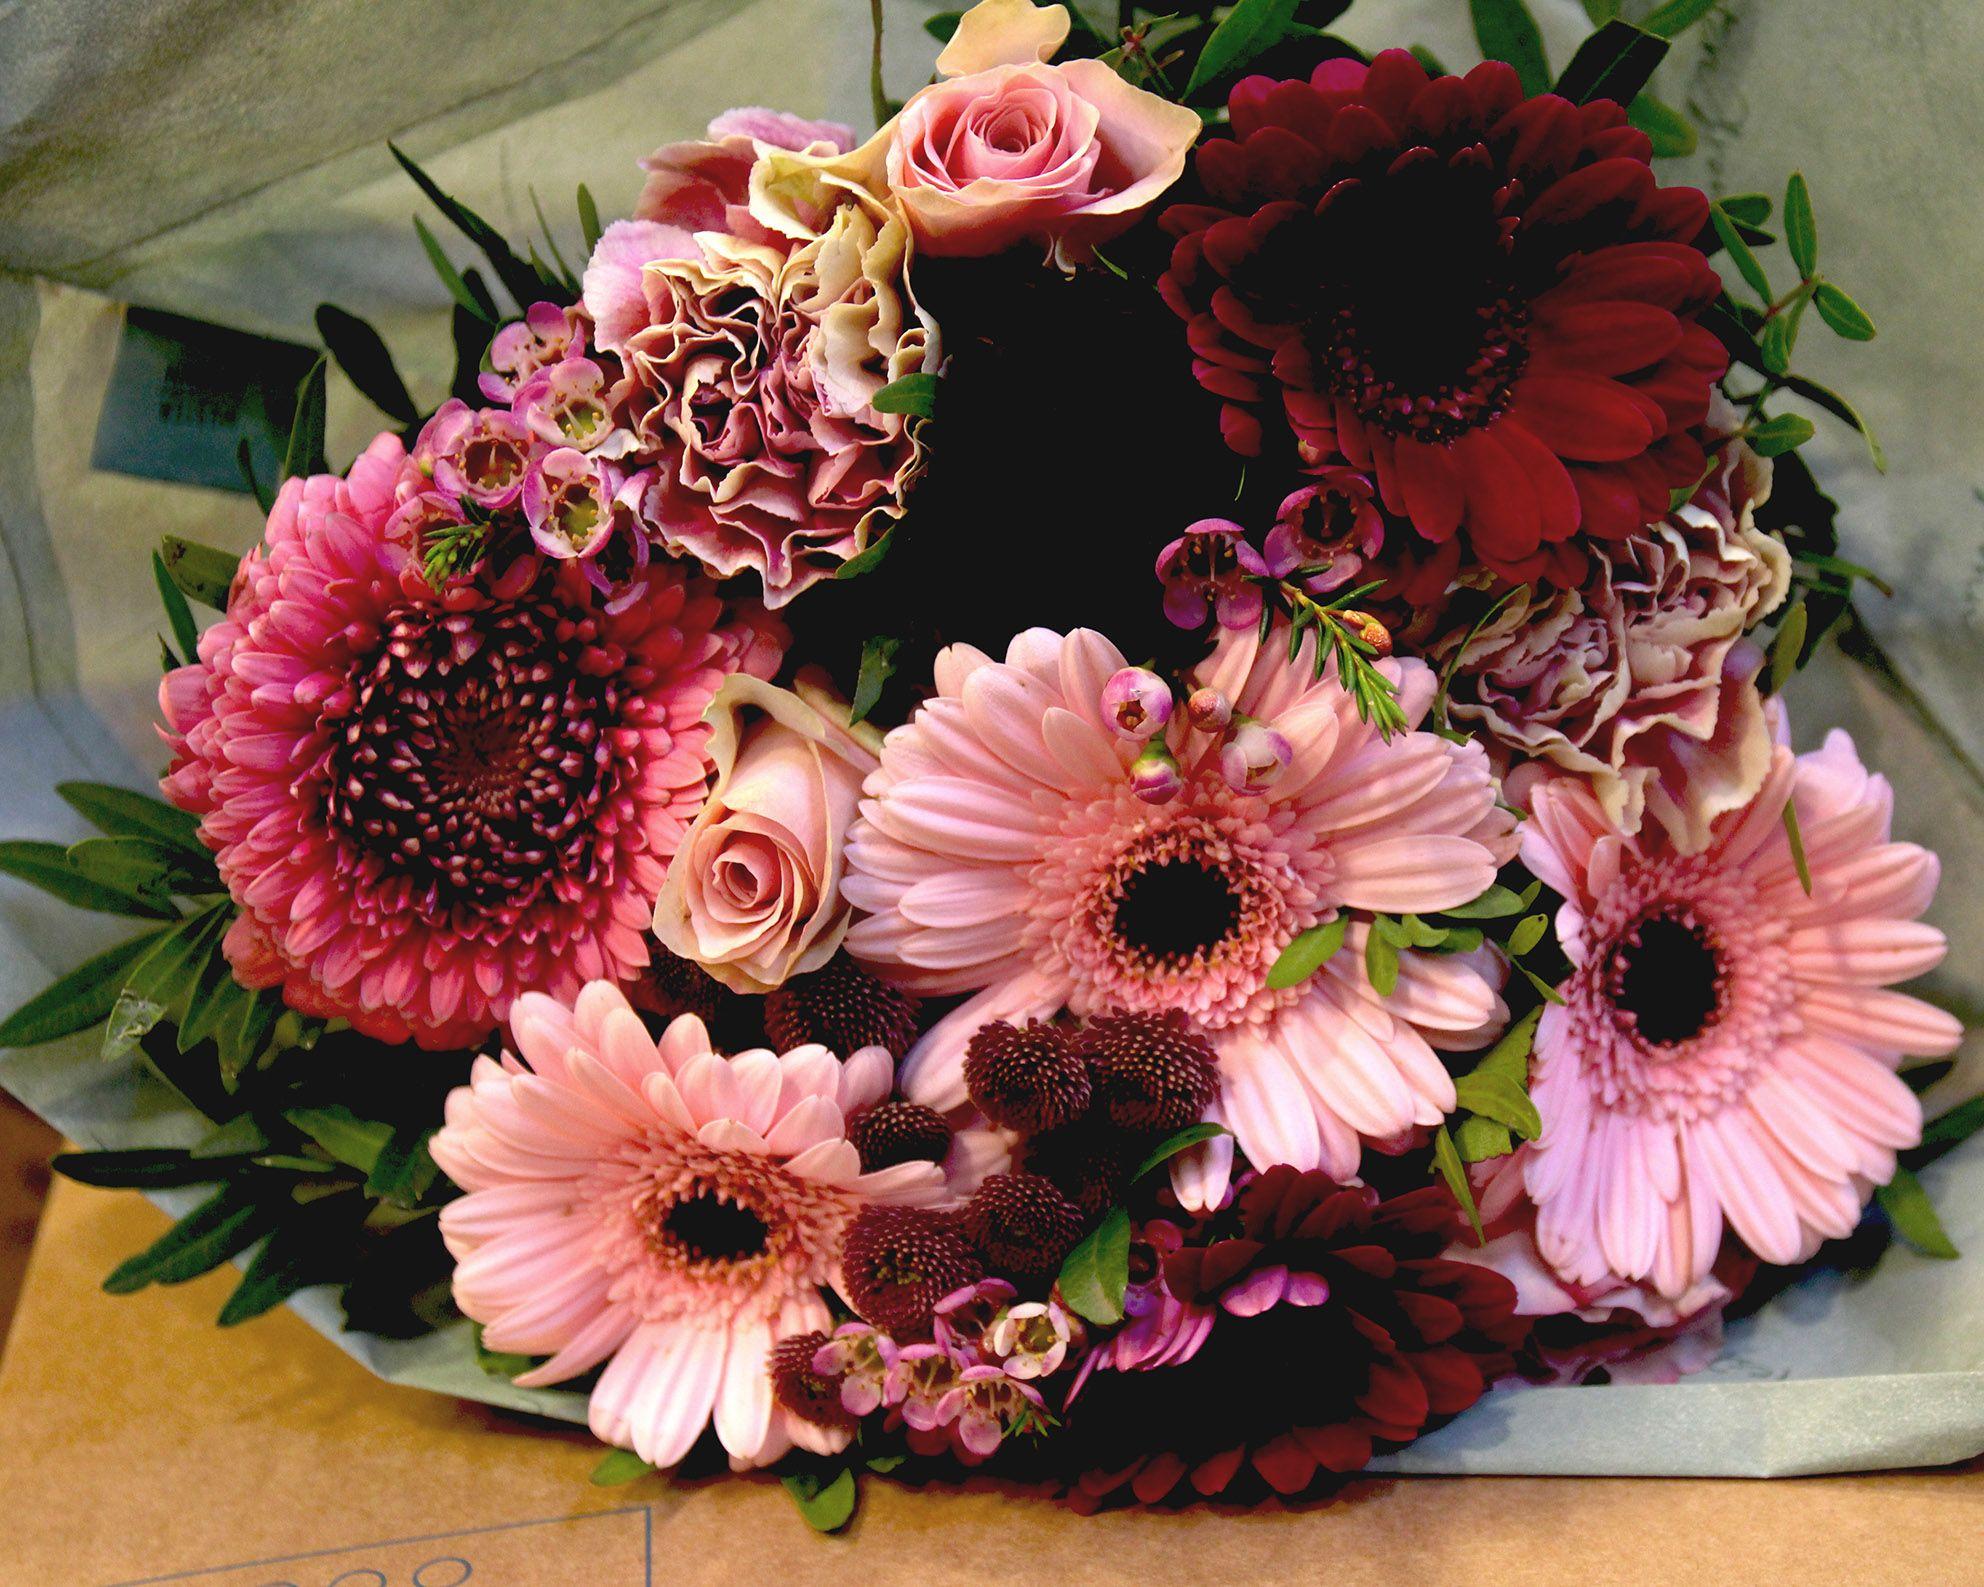 Blomsterhilsen til alle skolens ansatte